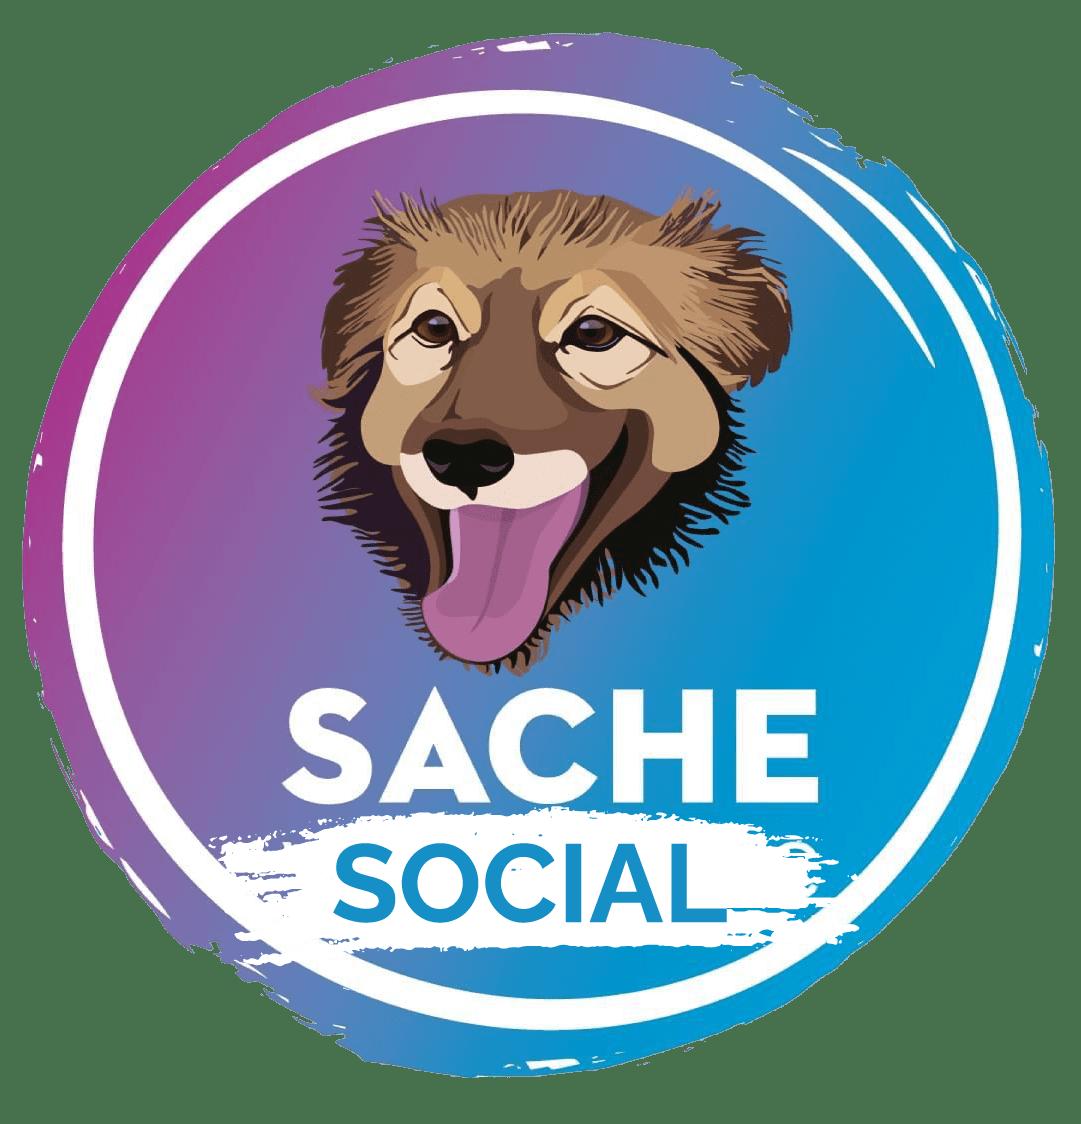 sacehsociallogo